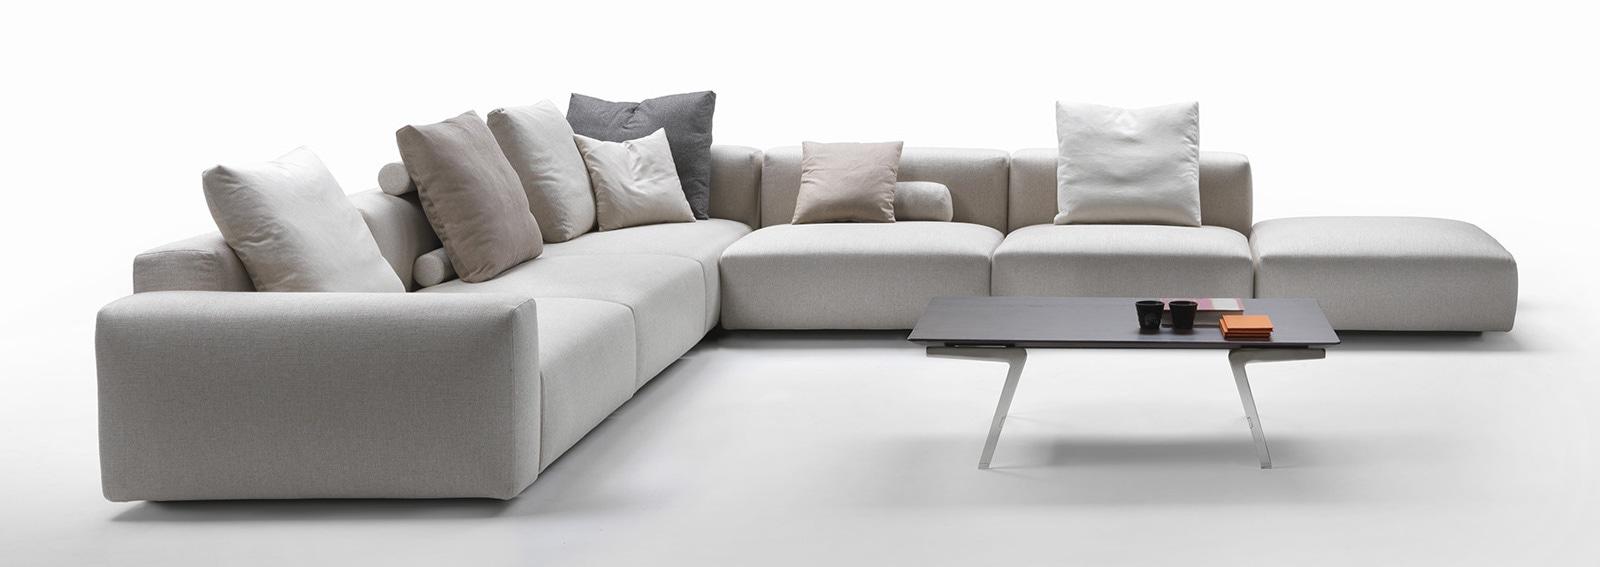 Best Divani Ad Angolo Offerte Contemporary - Home Design Ideas ...